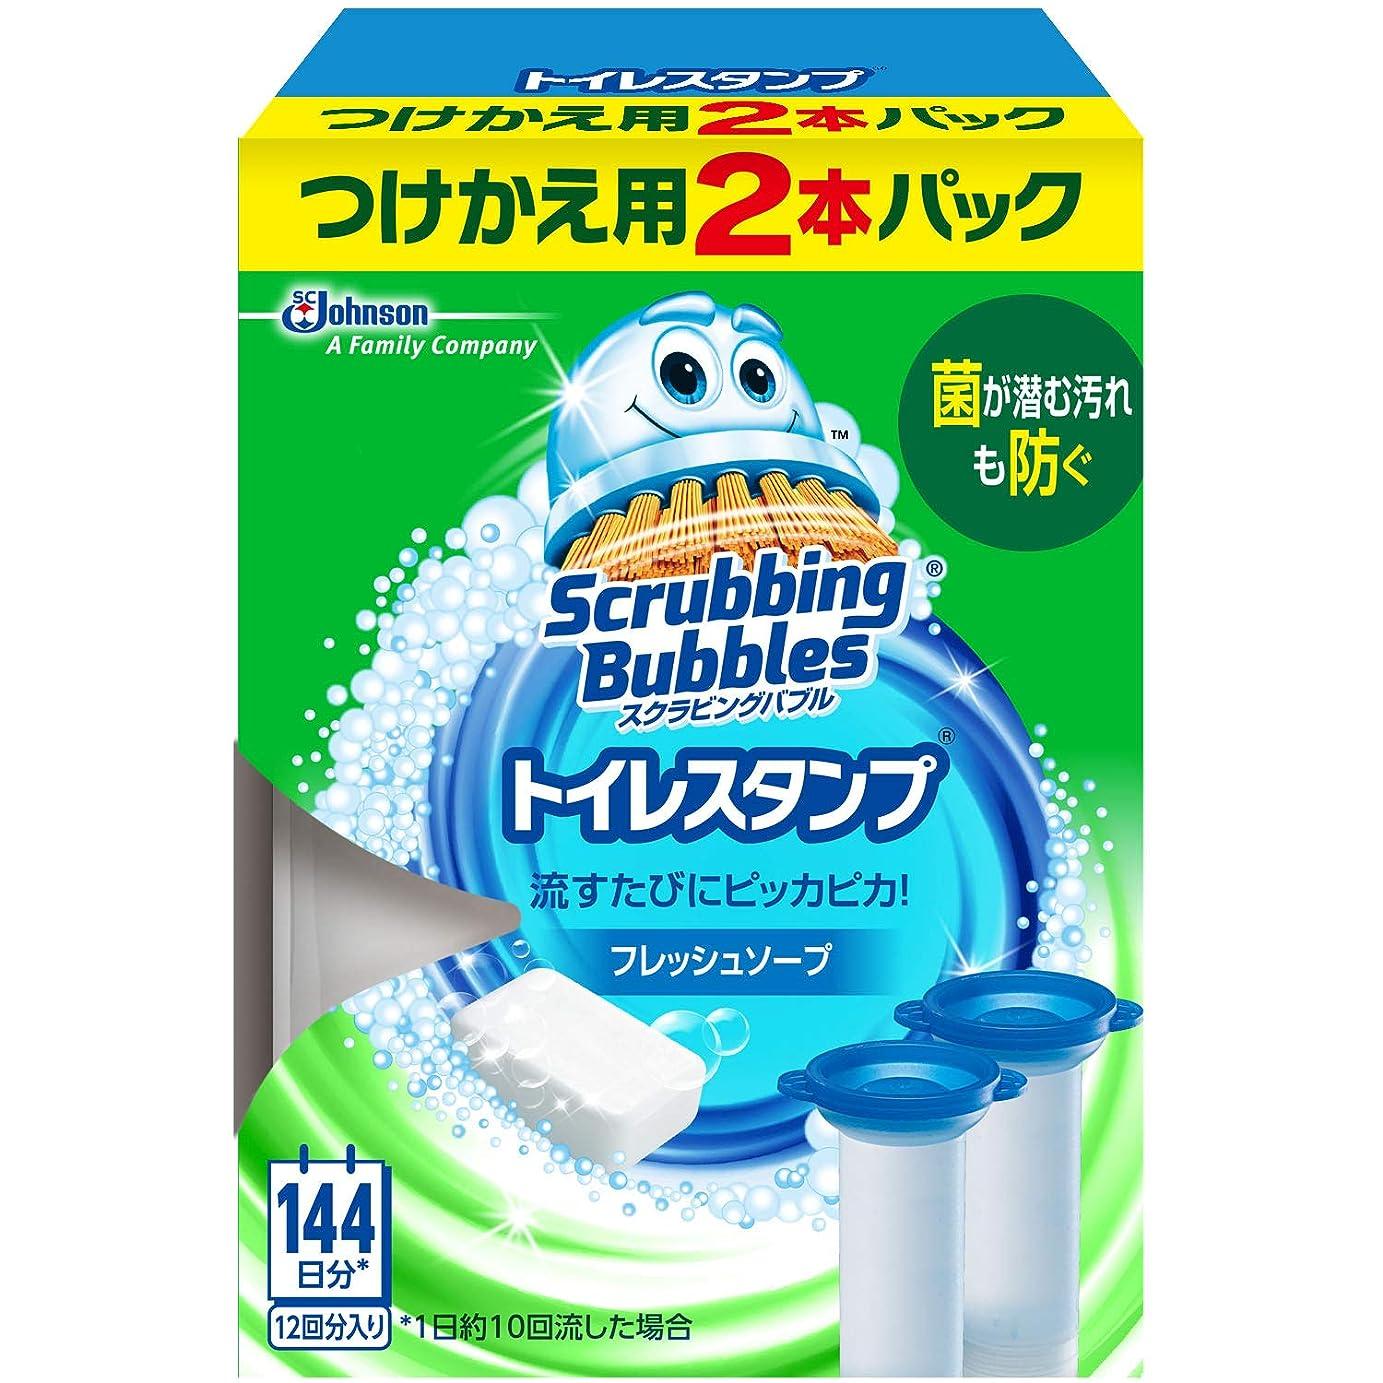 ブラウス無数のピクニックをするスクラビングバブル トイレ洗浄剤 トイレスタンプクリーナー フレッシュソープの香り 付替用2本 38g×2本